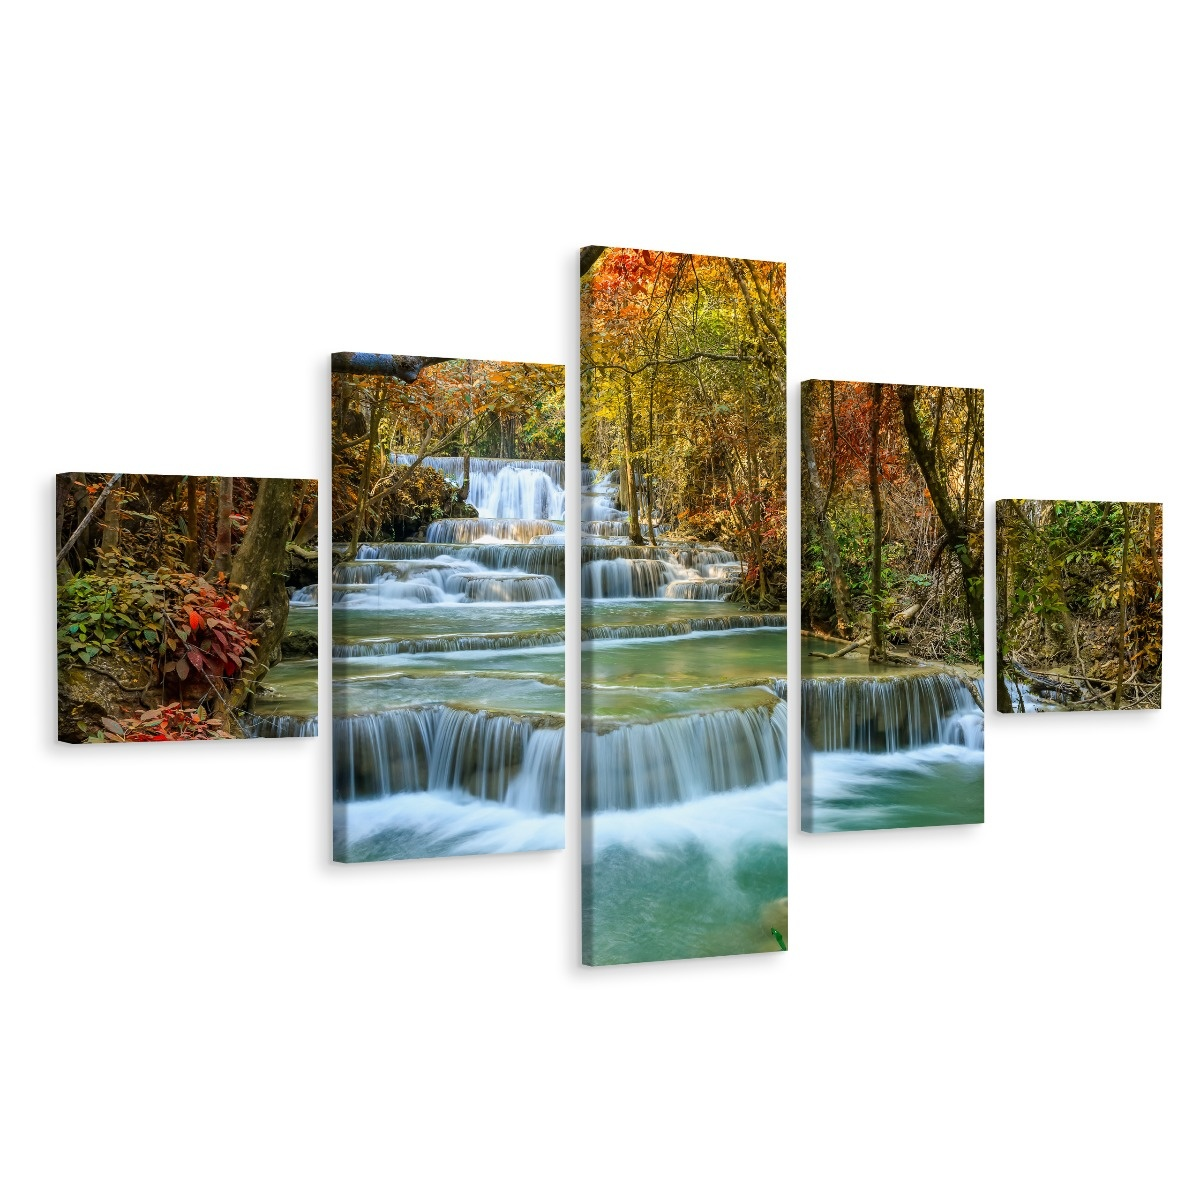 Schilderij - Prachtige waterval in het herfst bos, aanrader van het Karo-art team, 5 luik, premium p